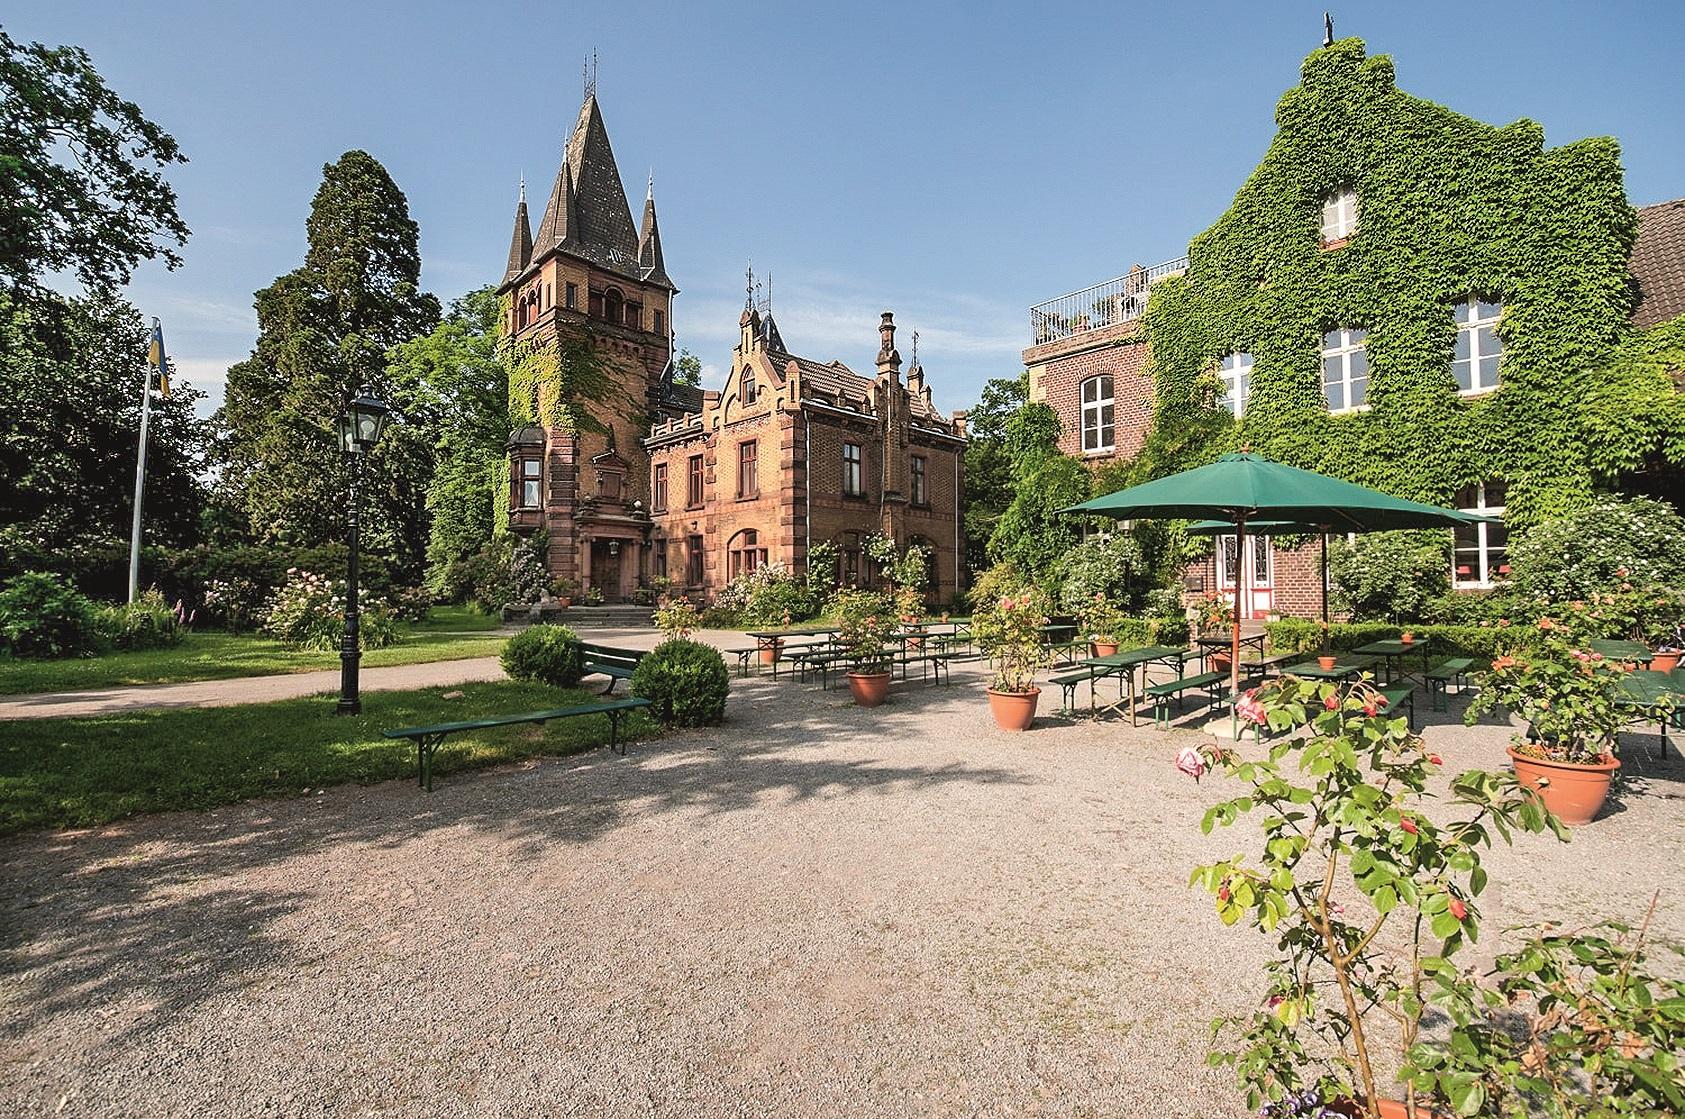 Bild zeigt den Innenhof des Gut Heimendahl. Ein begrünter Platz mit Tischen und Bänken sowie einem Sonnenschirm.